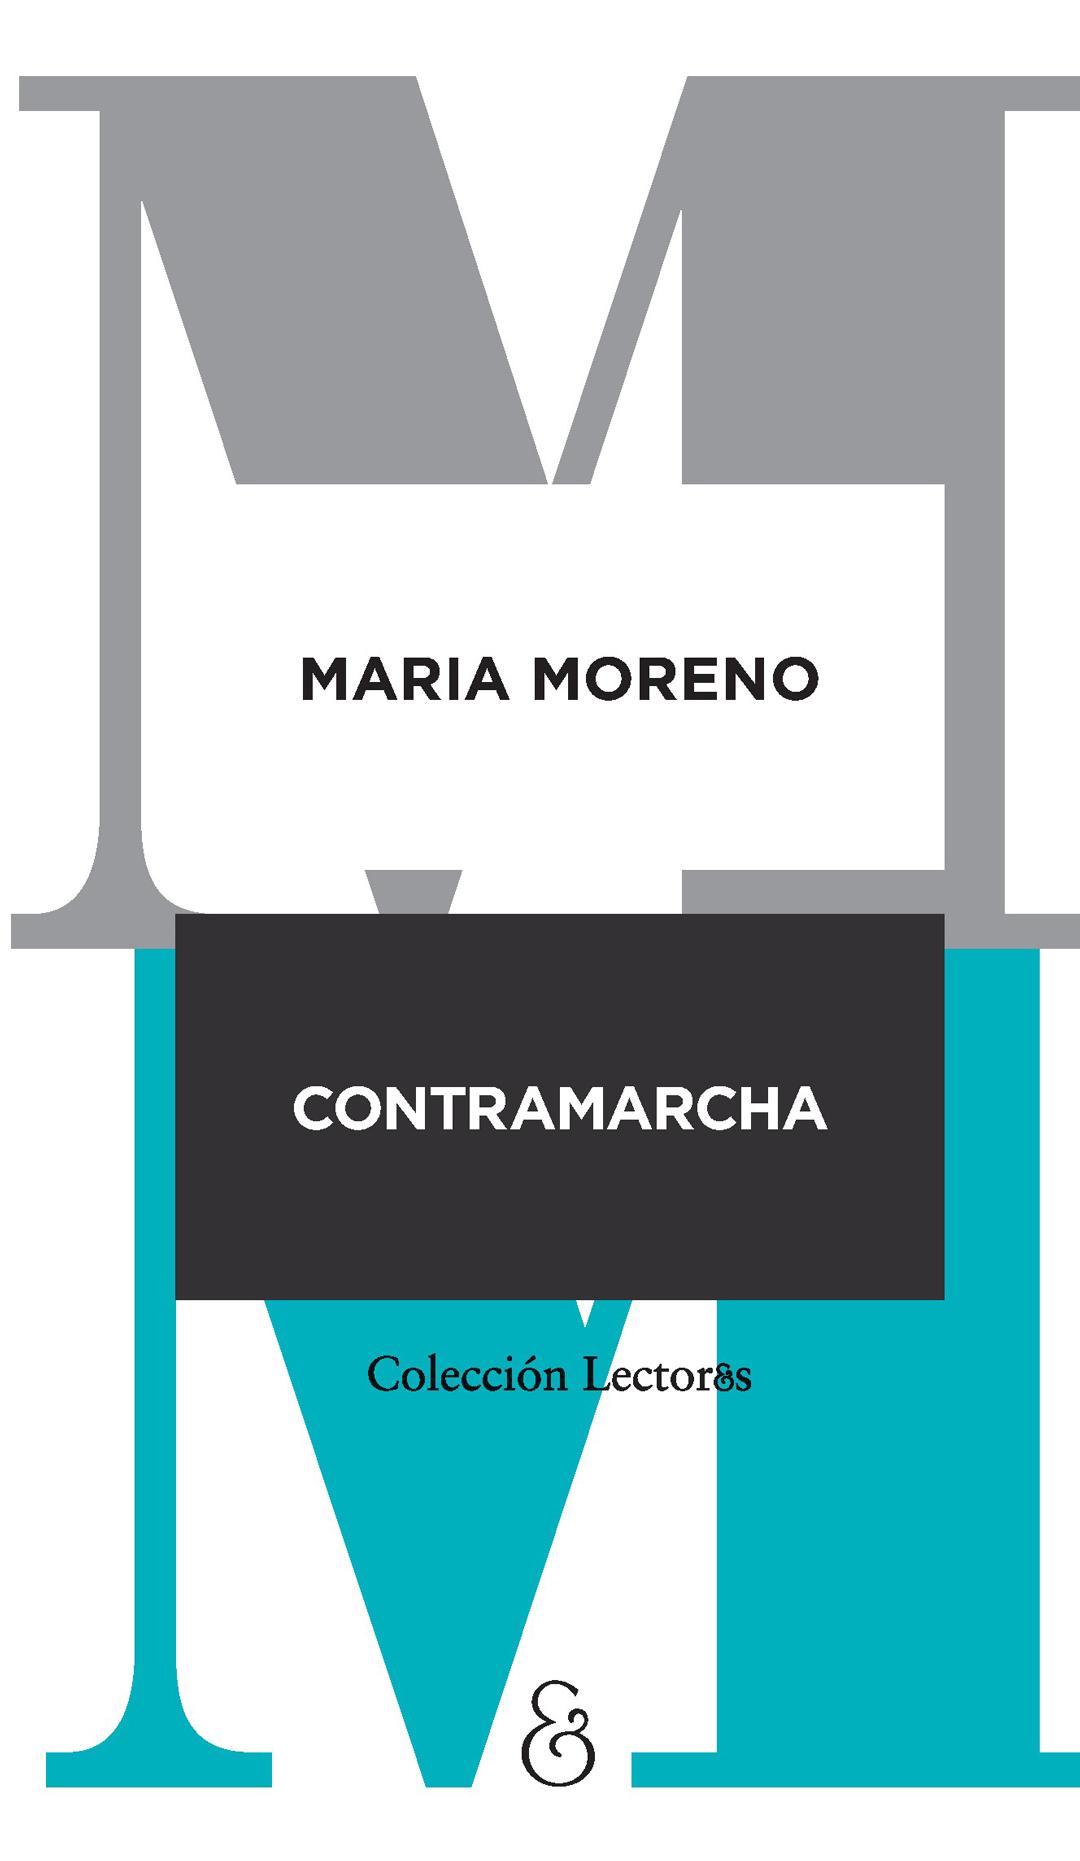 contramarcha_mamor_03